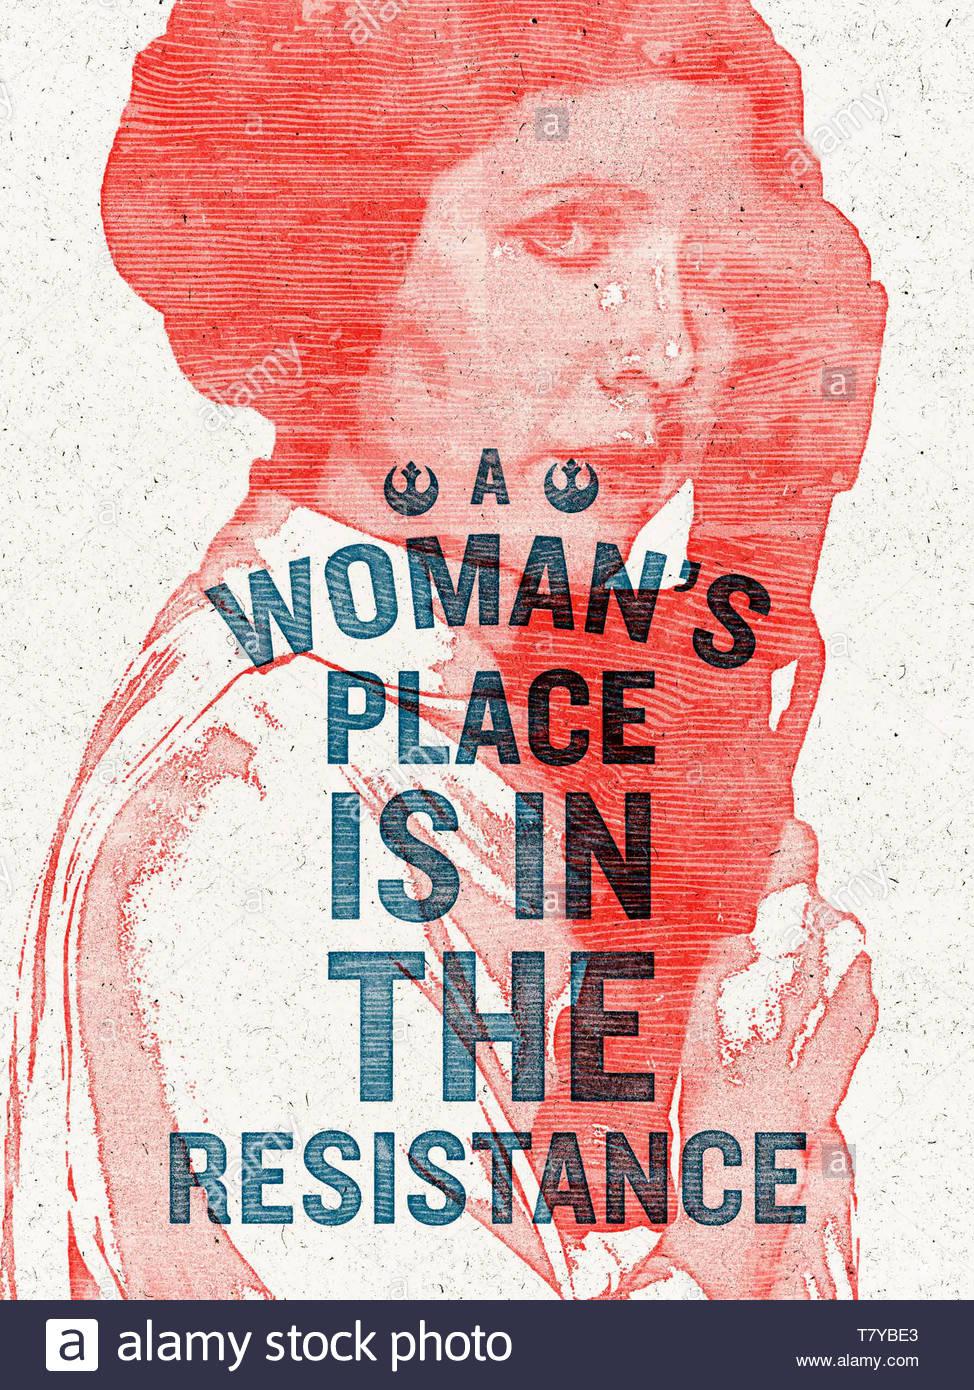 """""""Una donna è la resistenza"""" 2017 iconico i diritti della donna protesta poster concepito da graphic designer ed artista Hayley Gilmore per le donne del marzo a Washington il 21 gennaio 2017. Vedere la descrizione per maggiori informazioni. Immagini Stock"""